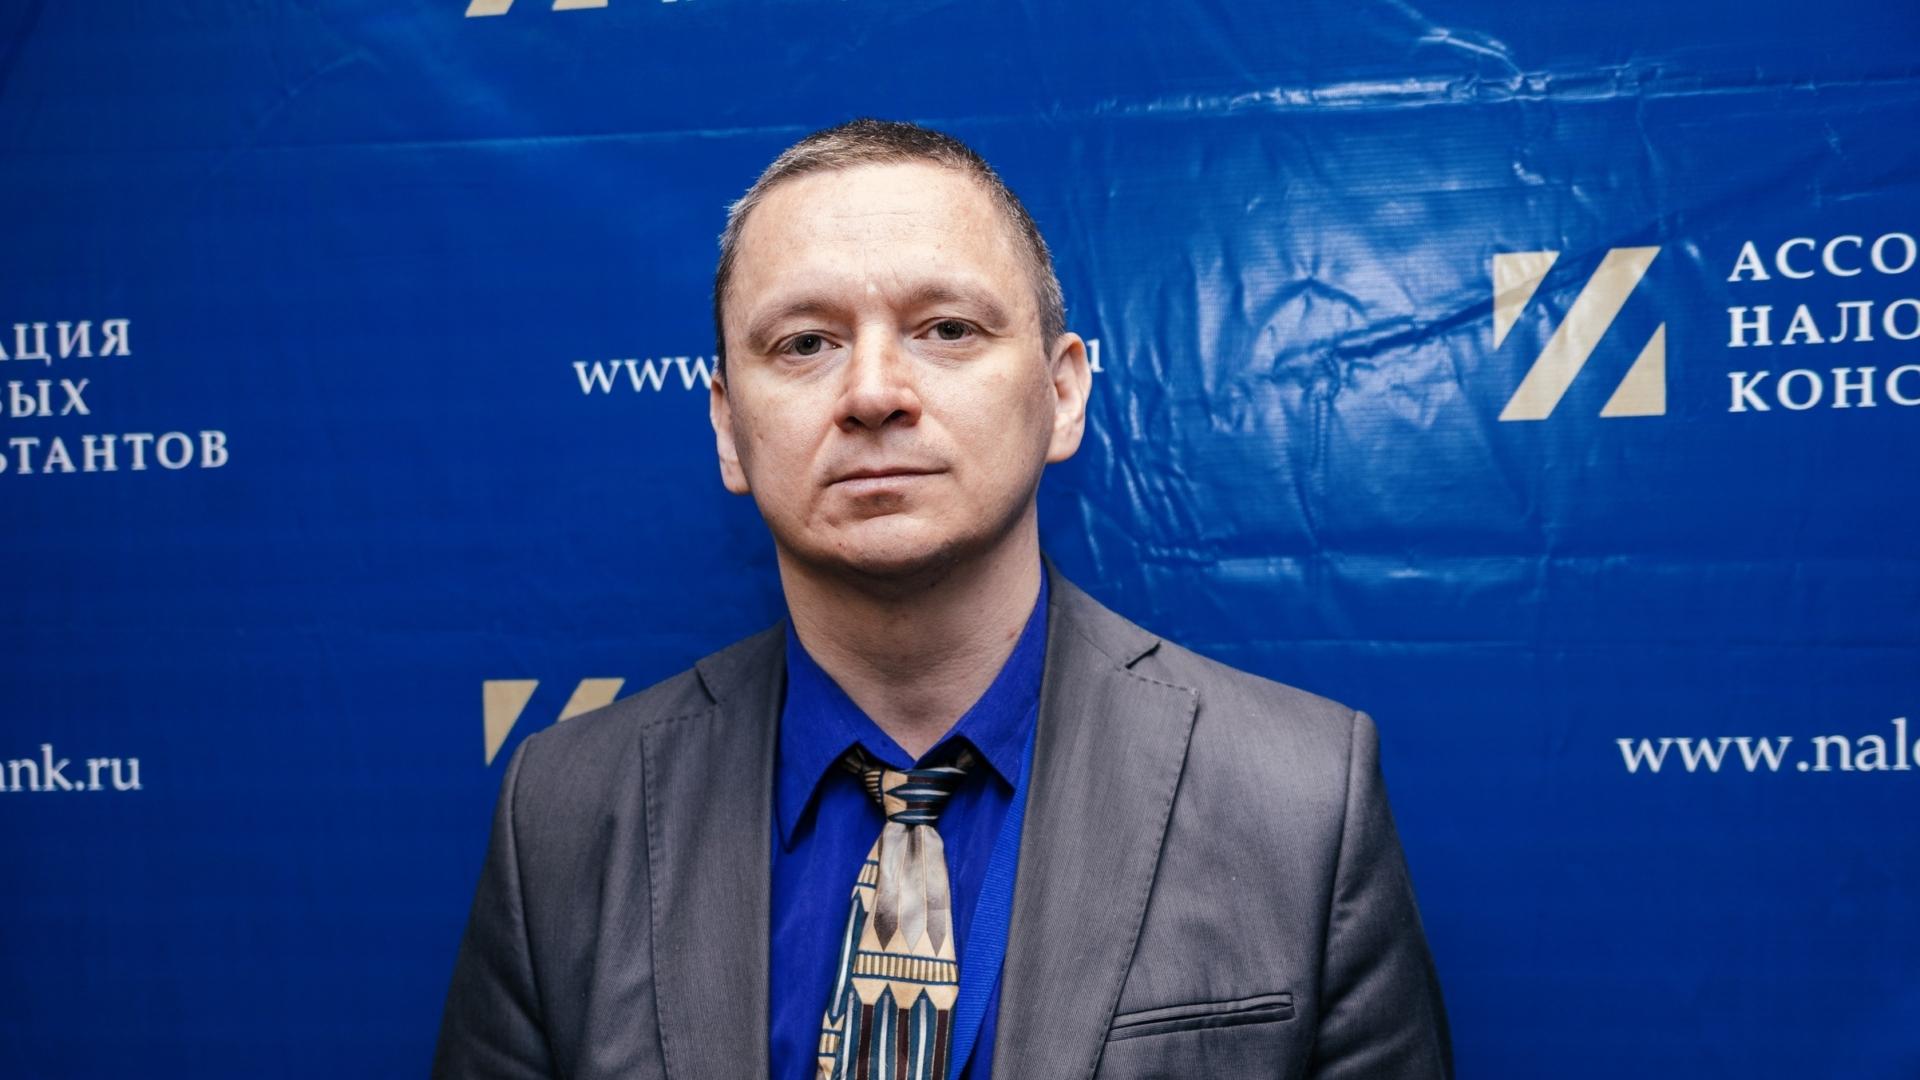 Илларионов А.В.